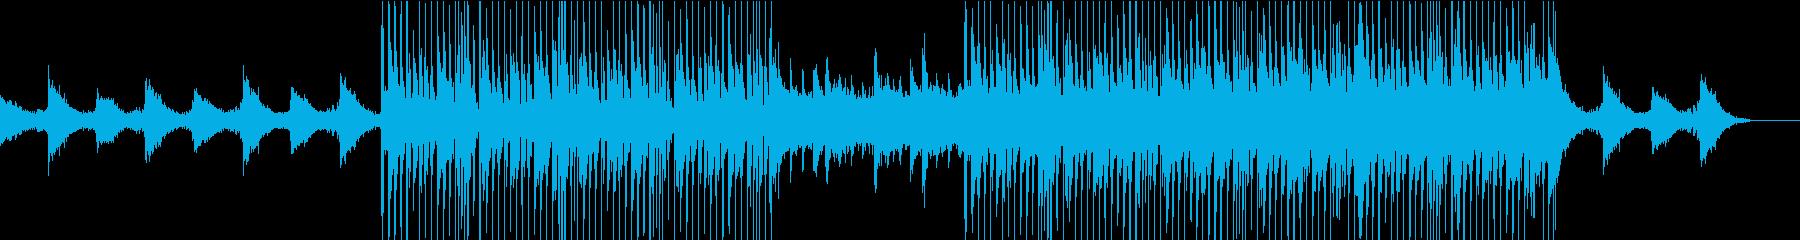 シルキーで滑らかなチルアウトグルーブの再生済みの波形